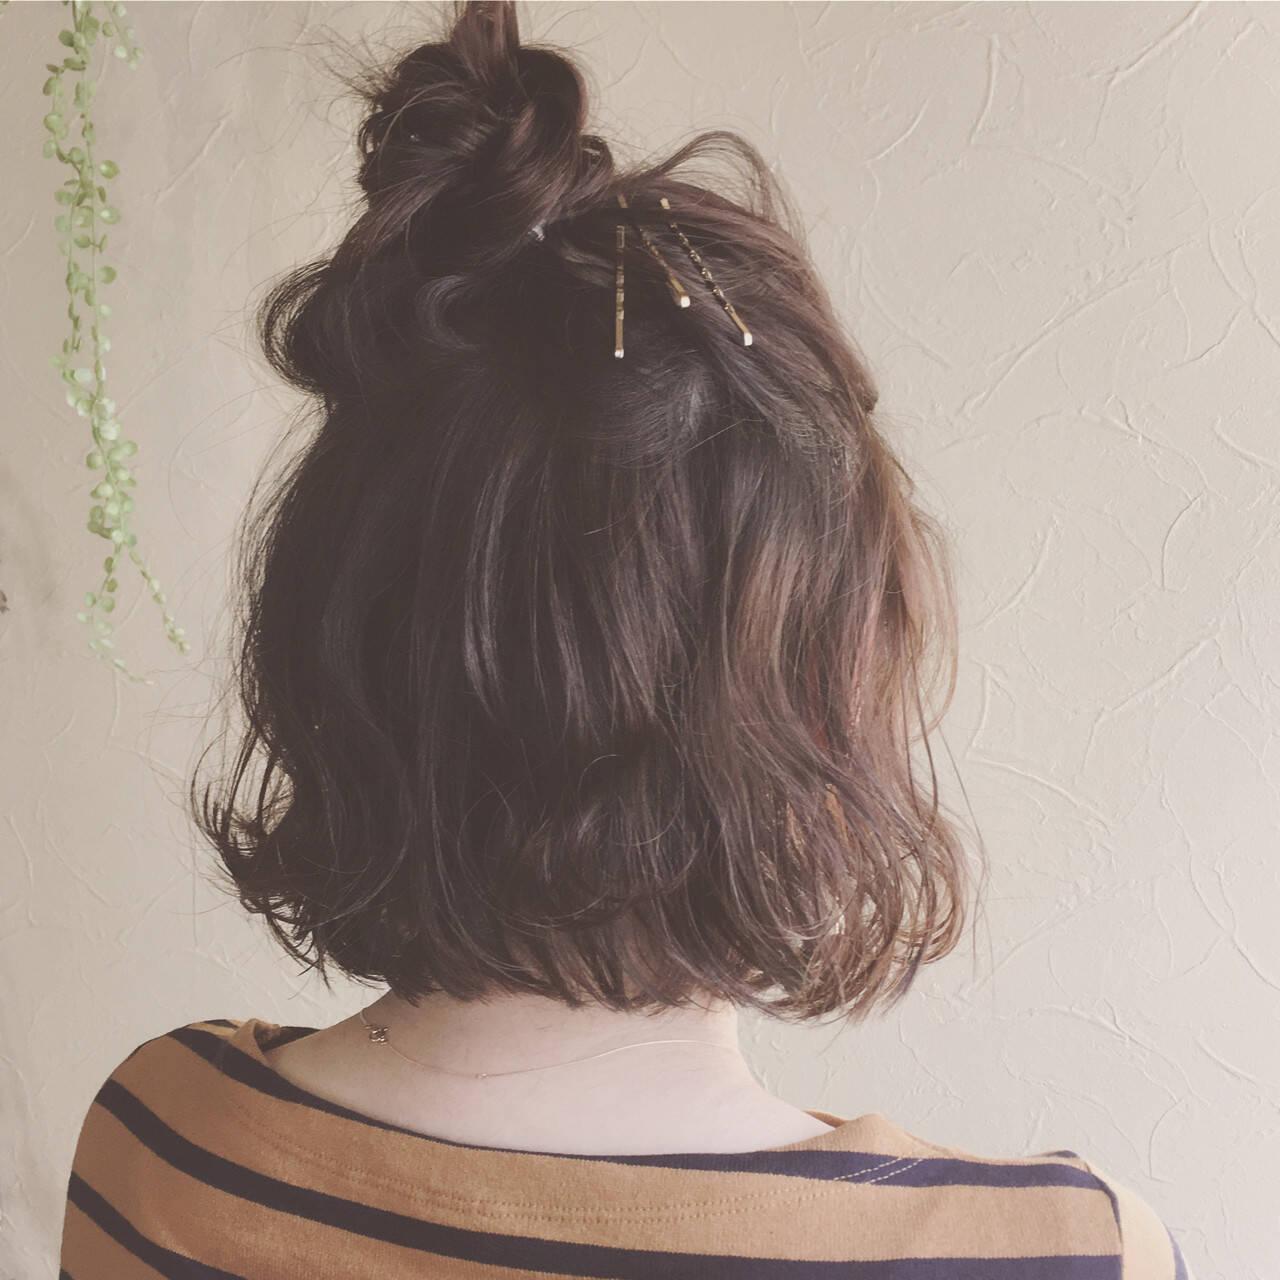 ナチュラル ボブ ヘアアレンジ 波ウェーブヘアスタイルや髪型の写真・画像